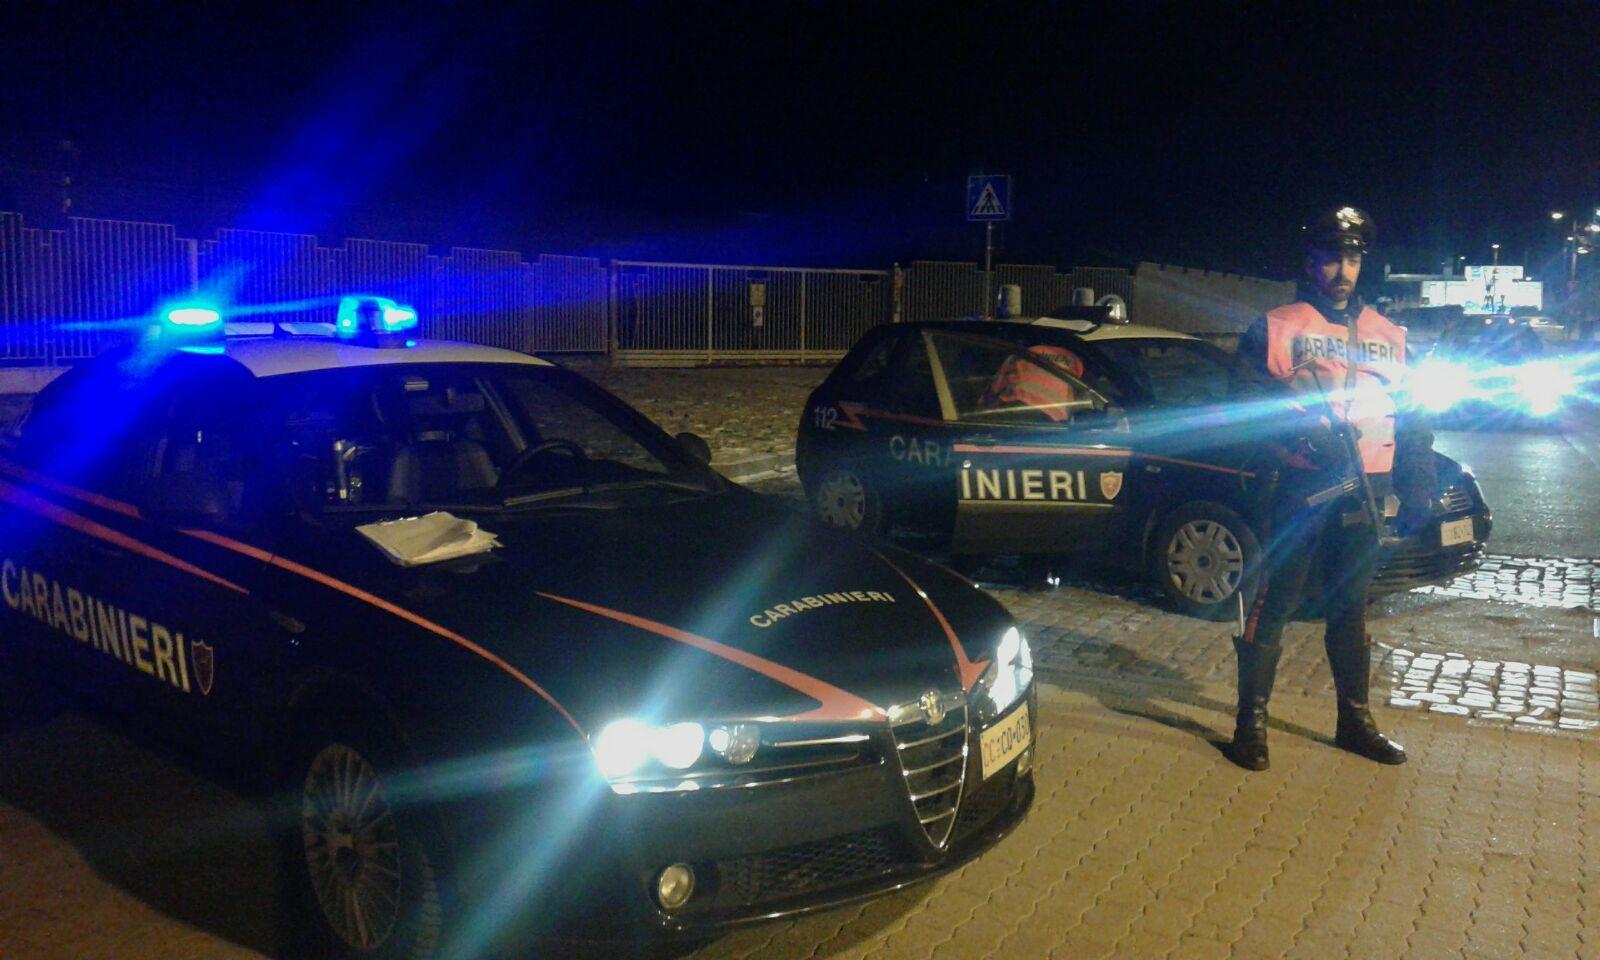 LEINI - L'officina del nonno trasformata in un centro per lo spaccio di droga: 17enne denunciato dai carabinieri